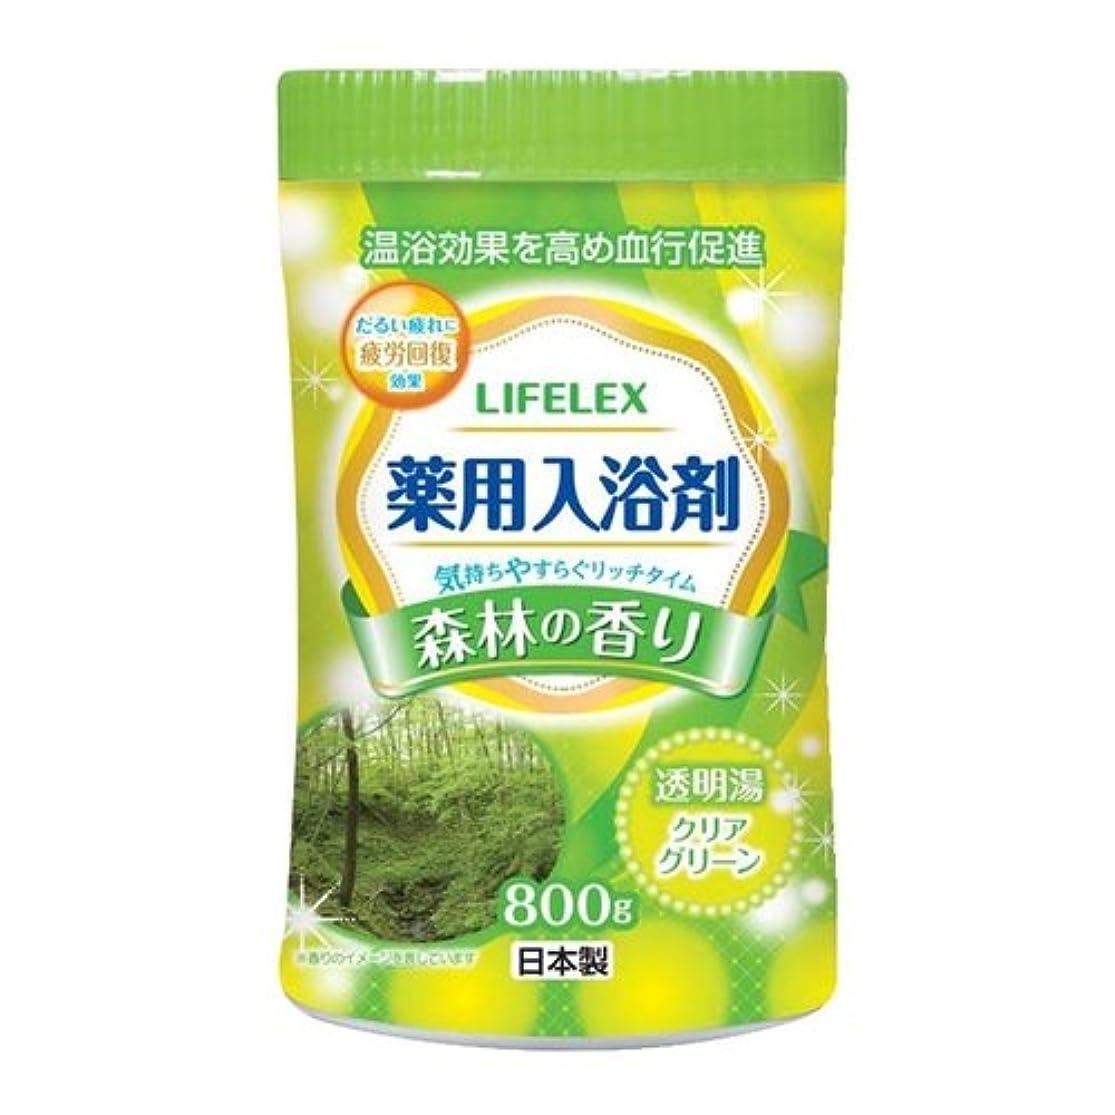 月曜日レンジカードコーナンオリジナル 薬用入浴剤 森林の香り 800g